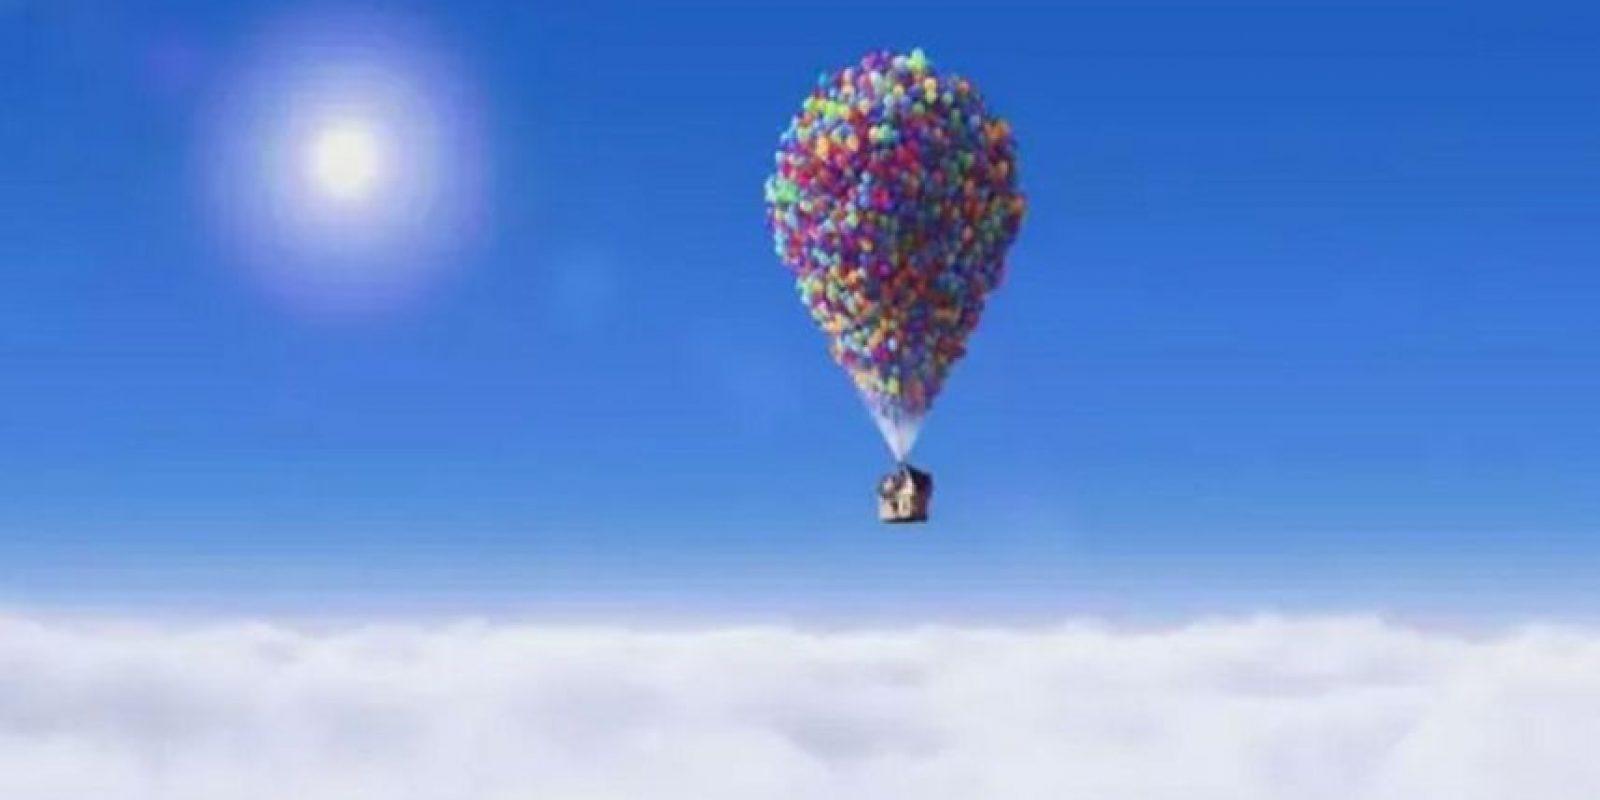 """""""Up"""", titulada """"Up: una aventura de altura"""" en hispanoamérica, es una película de animación y aventuras estrenada en 2009 y ganadora de dos premios Óscar por mejor película de animación y mejor banda sonora. Foto:Disney Pixar"""